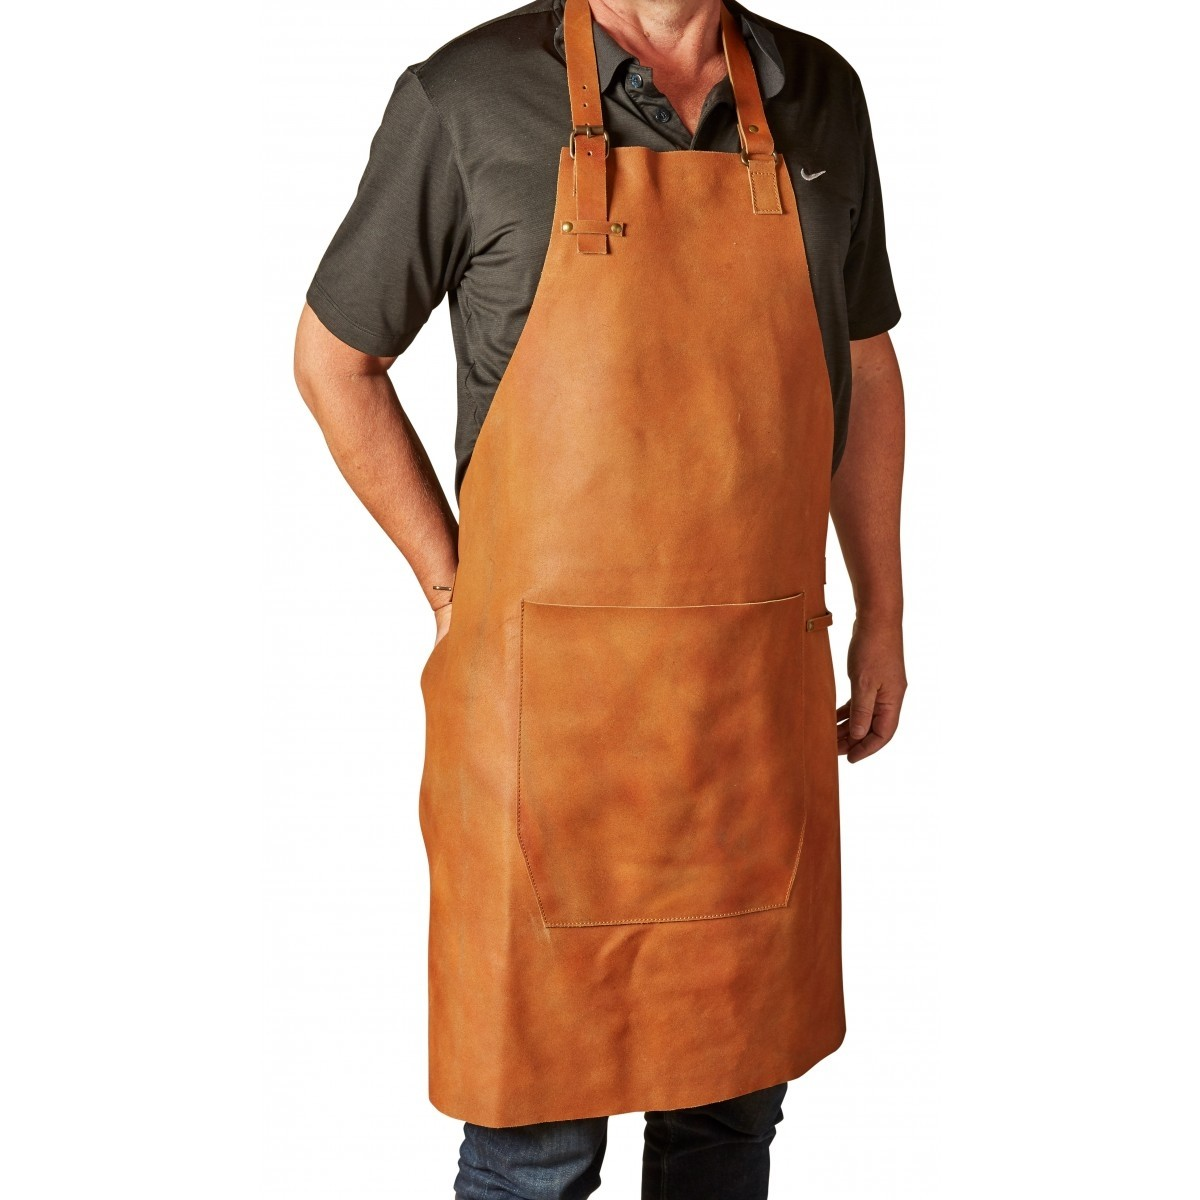 DACORE Skindforklæde m/lomme - lys brun